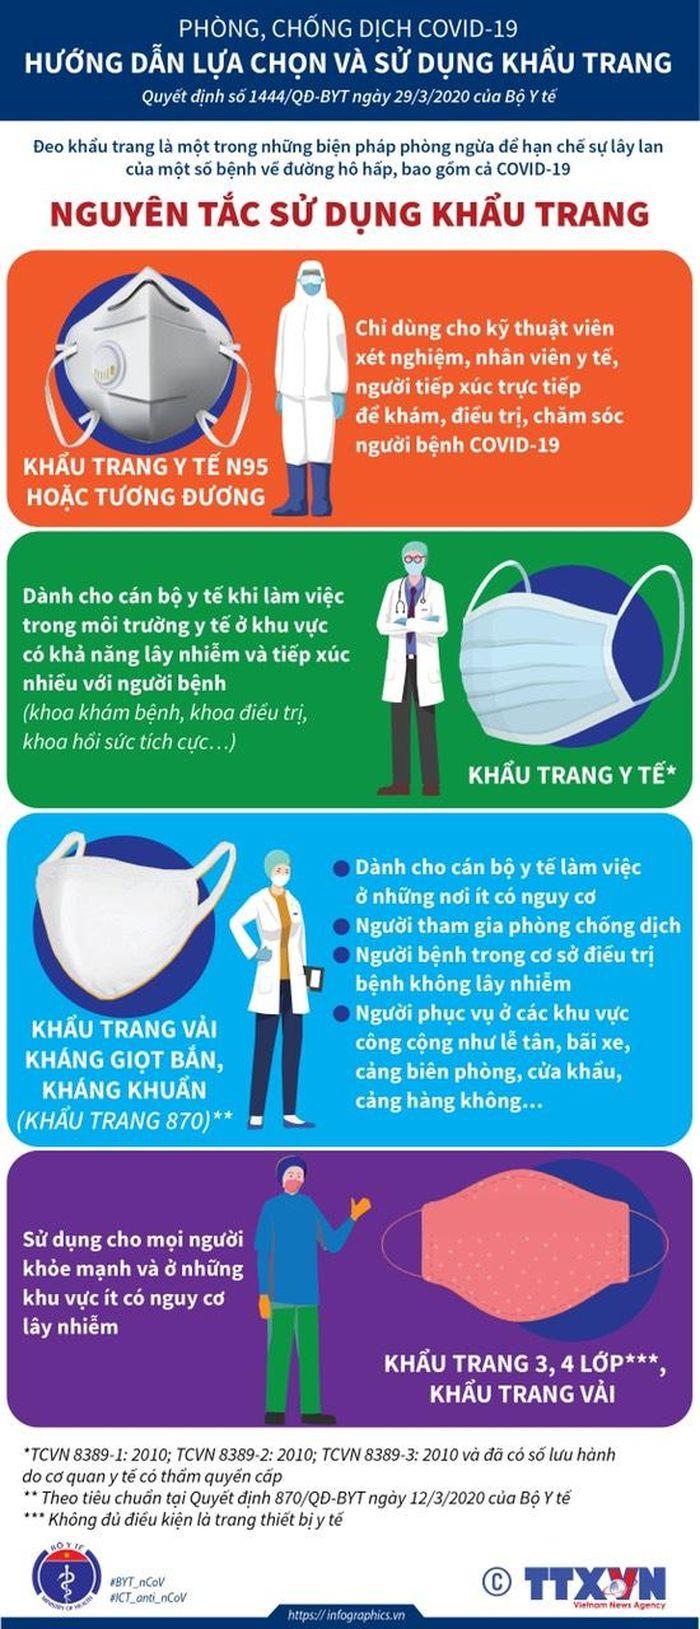 Bộ Y tế chỉ cách lựa chọn, sử dụng khẩu trang phòng dịch COVID-19